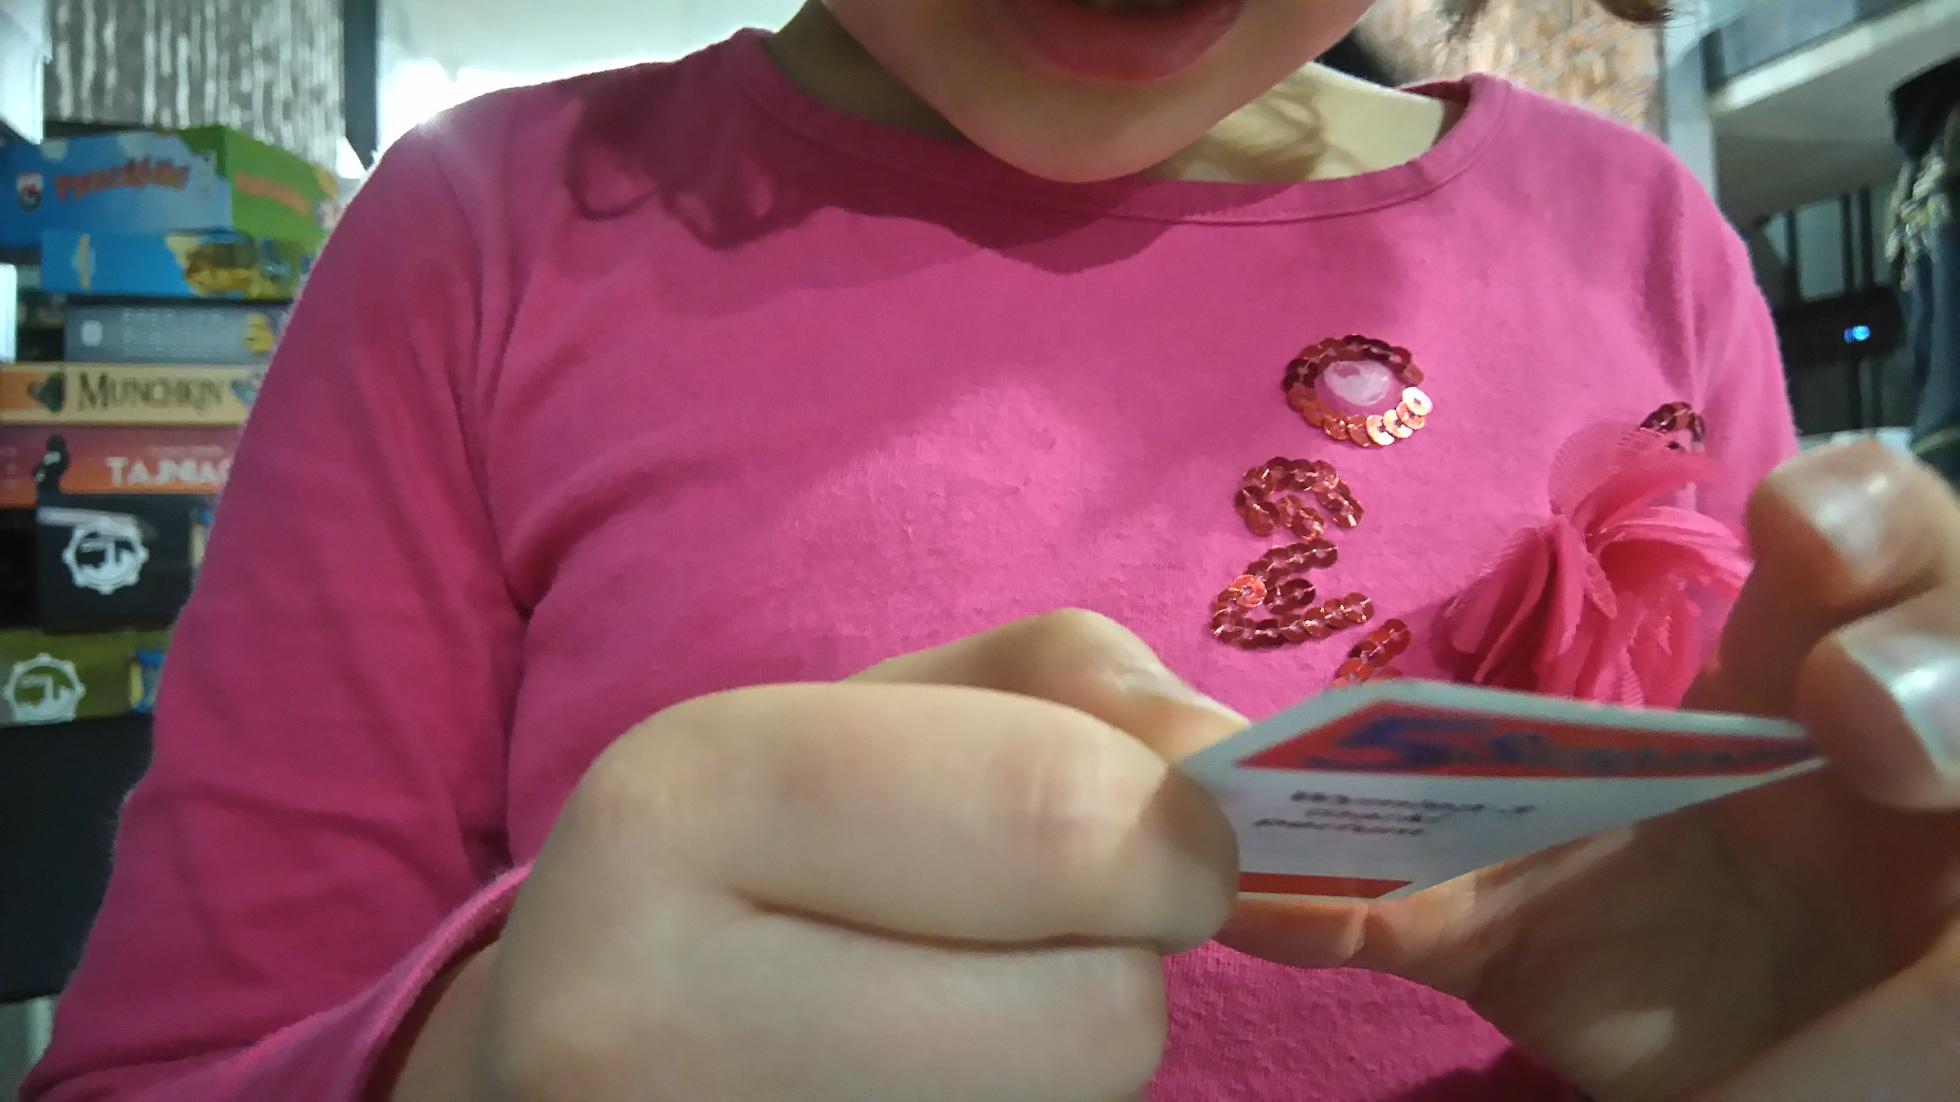 dziecko czyta napis na karcie do gry w 5 sekund, za nim leżą gry planszowe